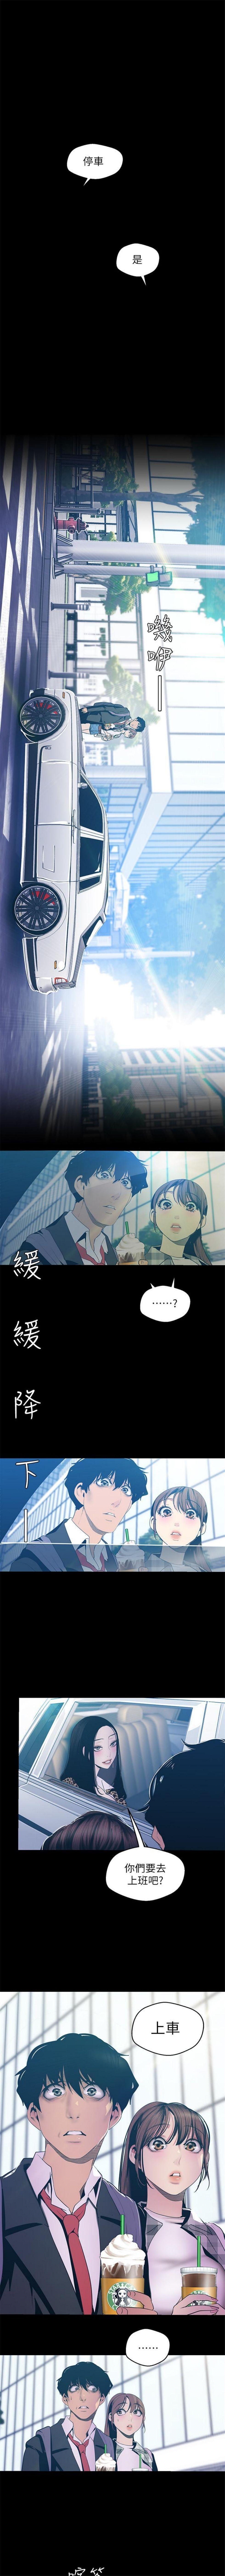 美麗新世界 1-85 官方中文(連載中) 670